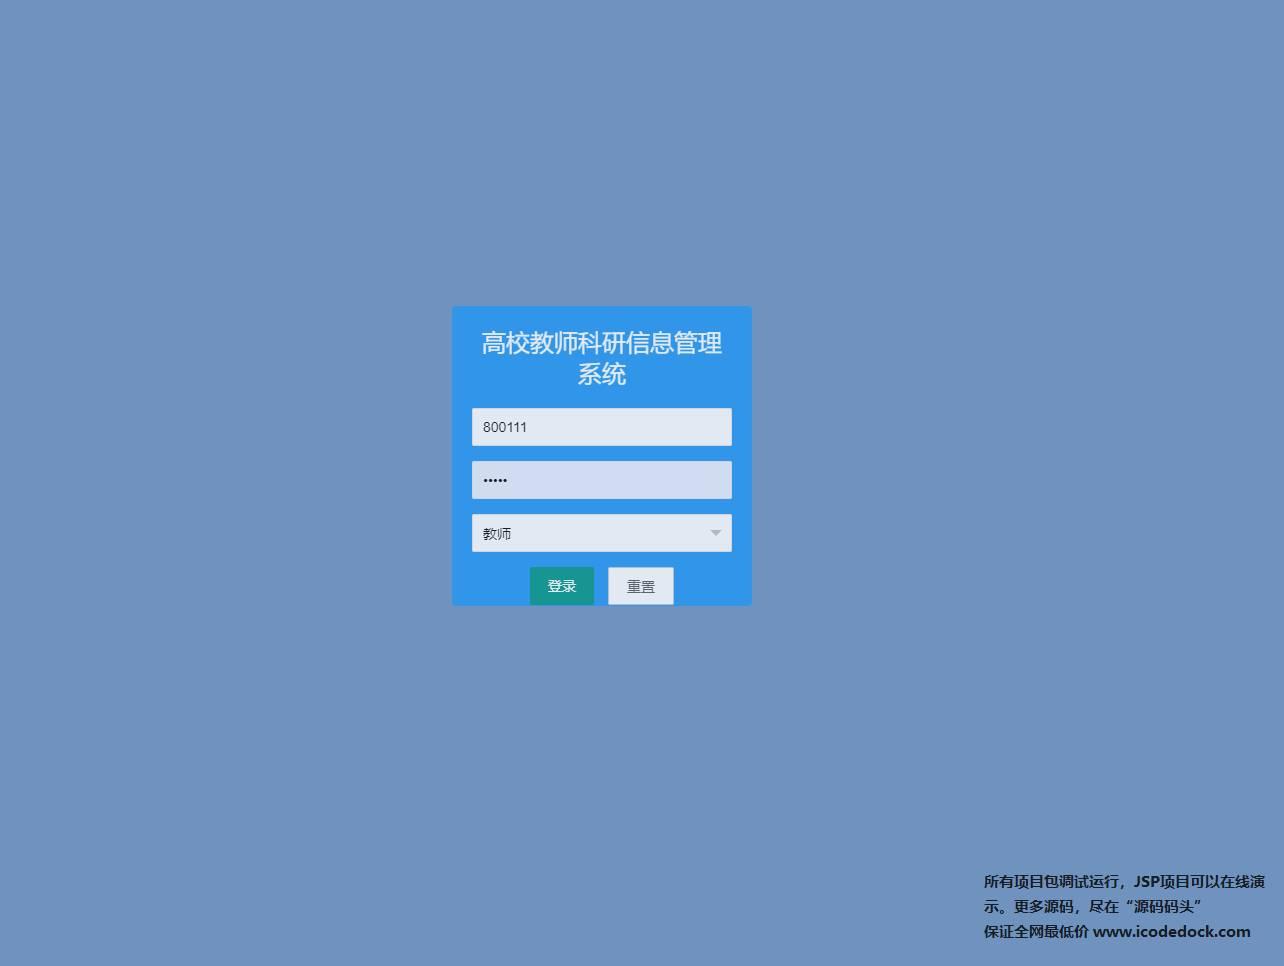 源码码头-JSP教师科研信息管理系统-教师角色-教师登录